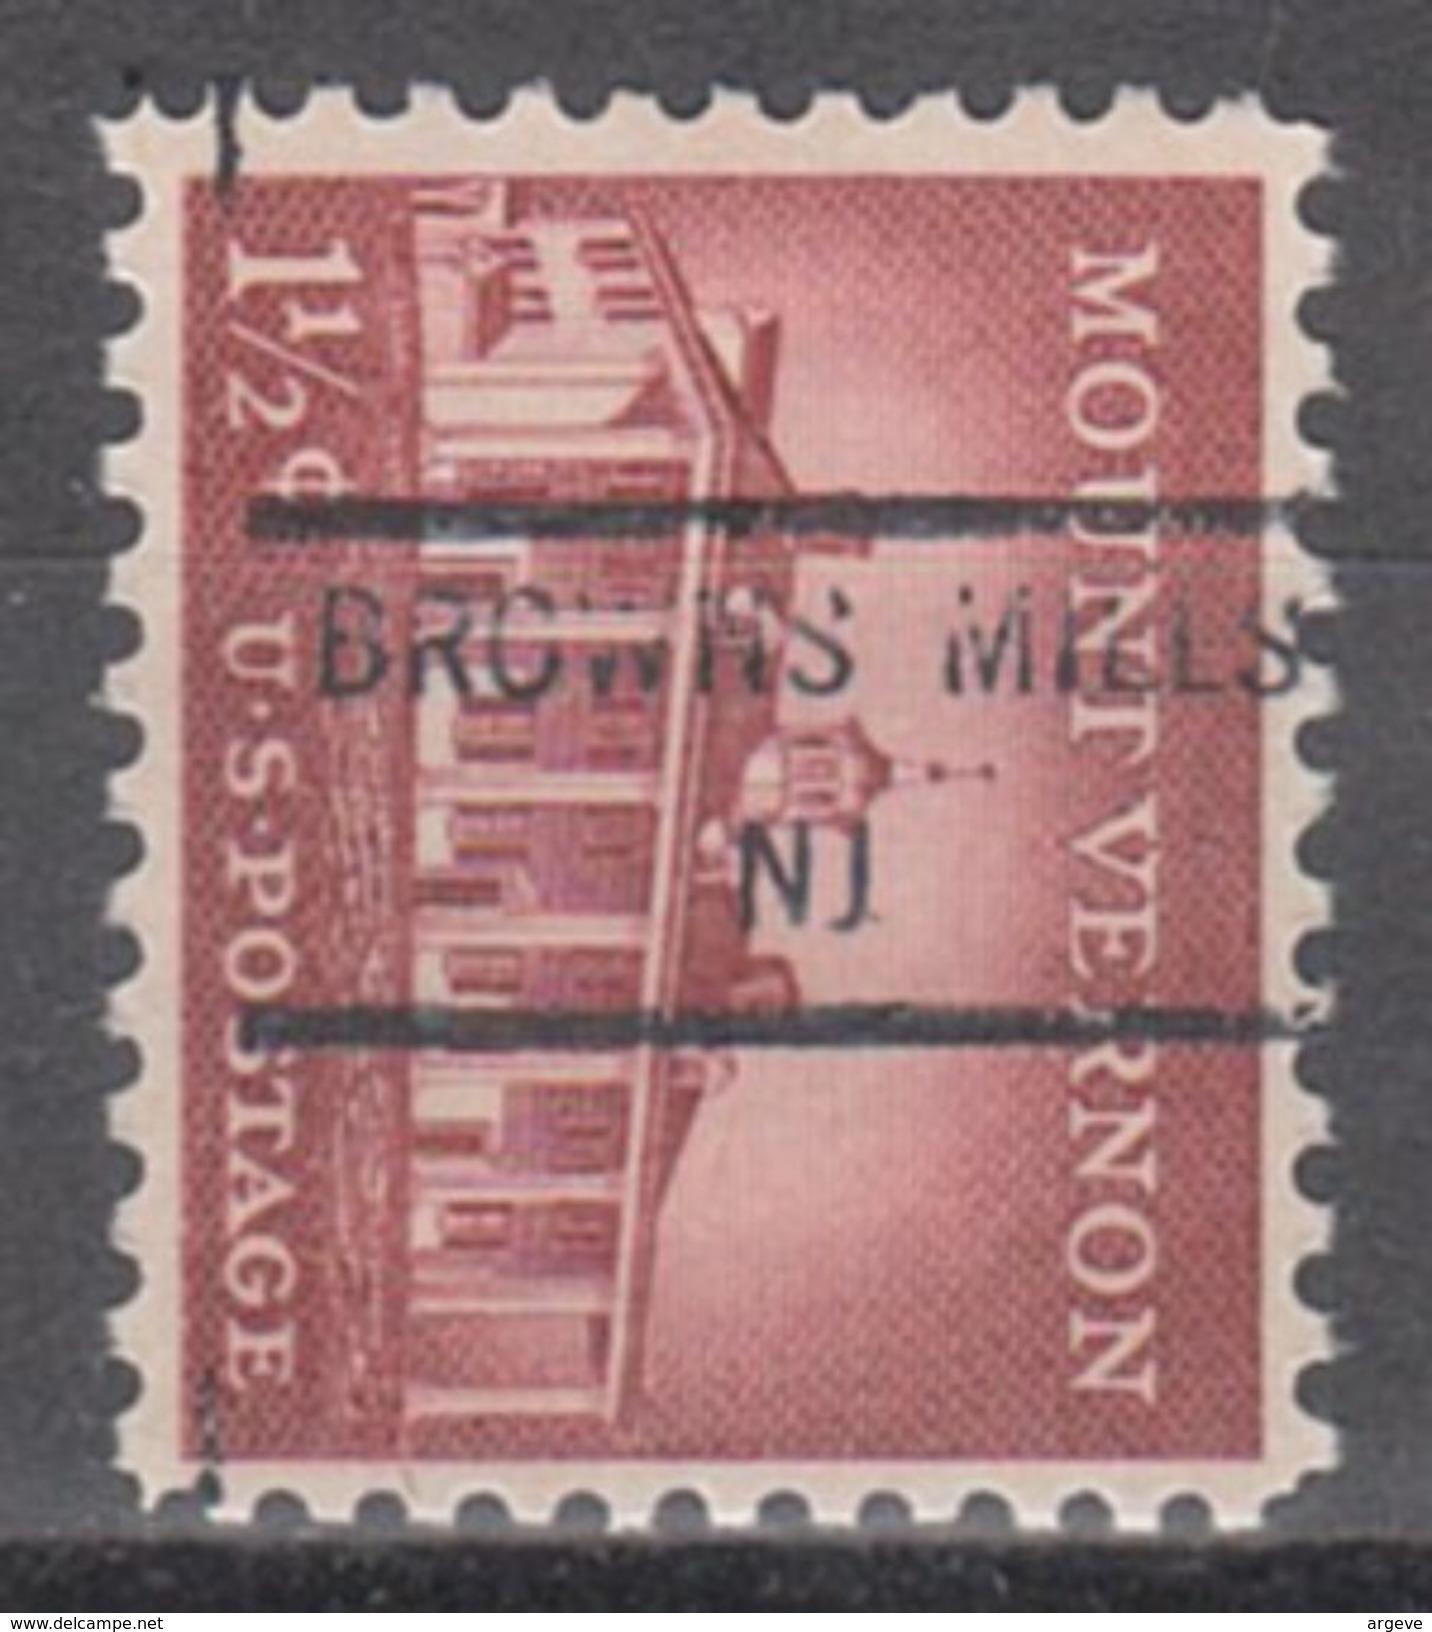 USA Precancel Vorausentwertungen Preo, Locals New Jersey, Browns Mills 846 - Etats-Unis